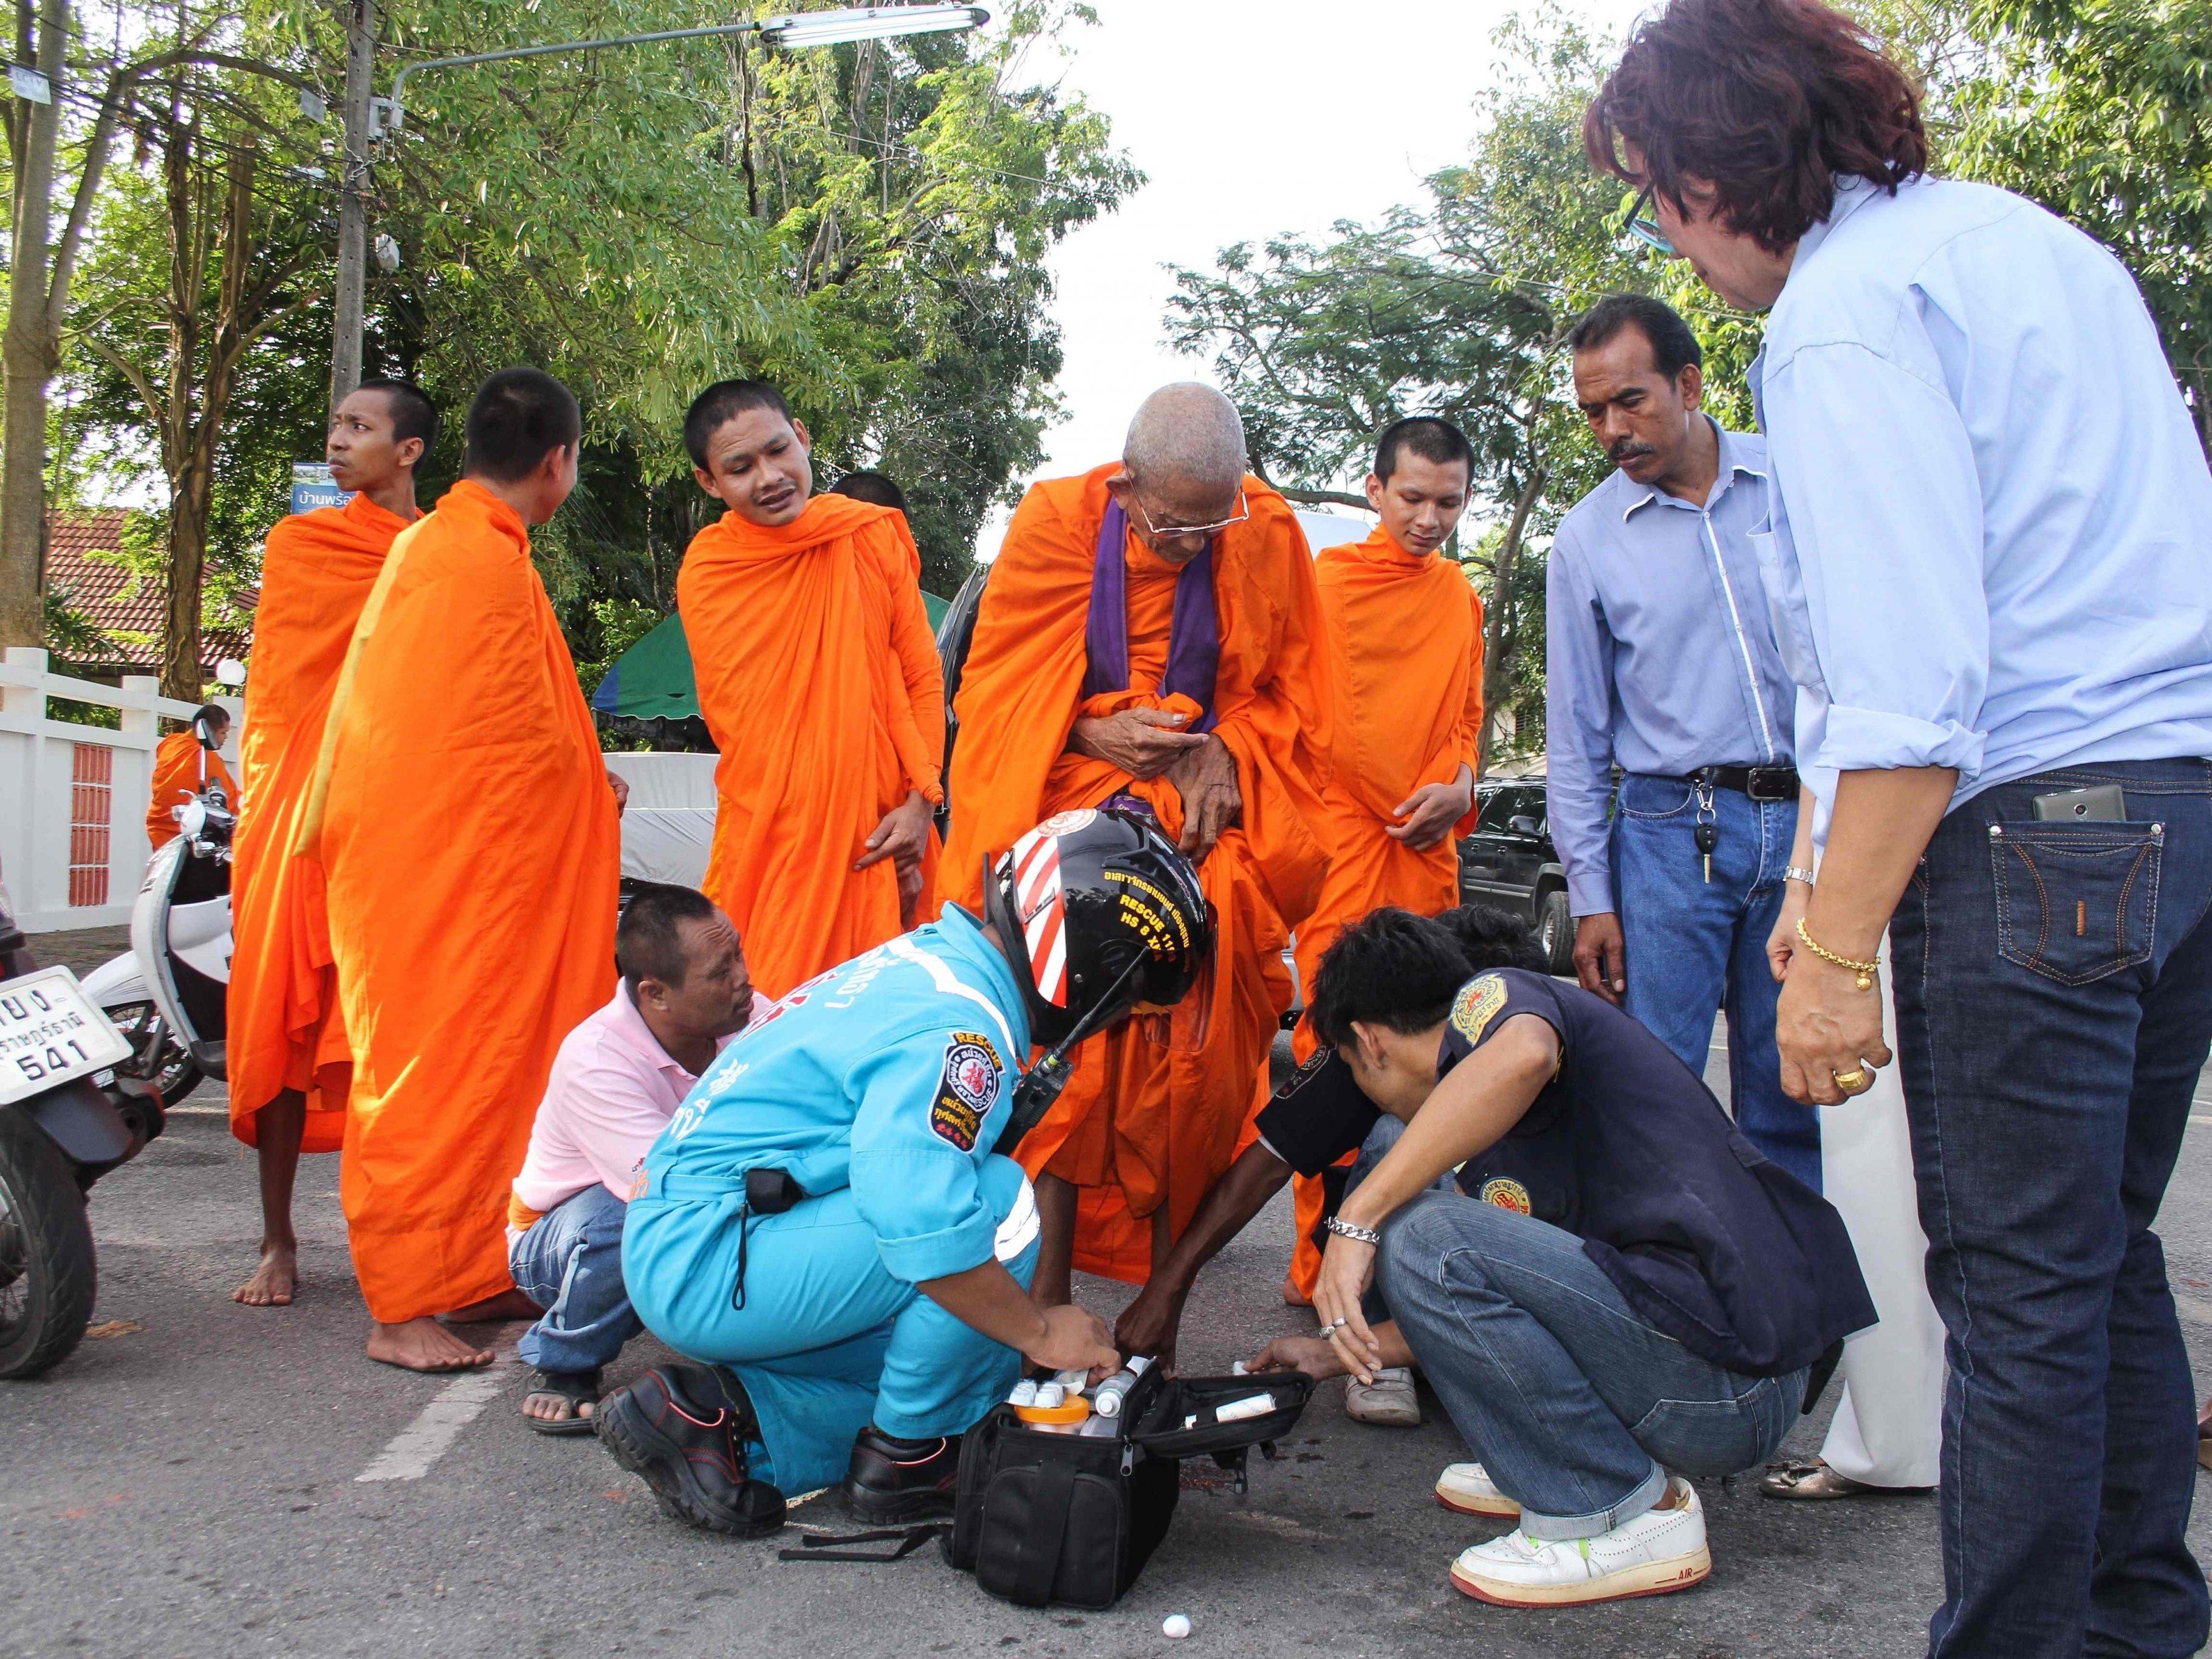 Nach der Serie von Bombenexplosionen am Donnerstag und Freitag hat die thailändische Polizei laut Medienberichten zwei Männer festgenommen.